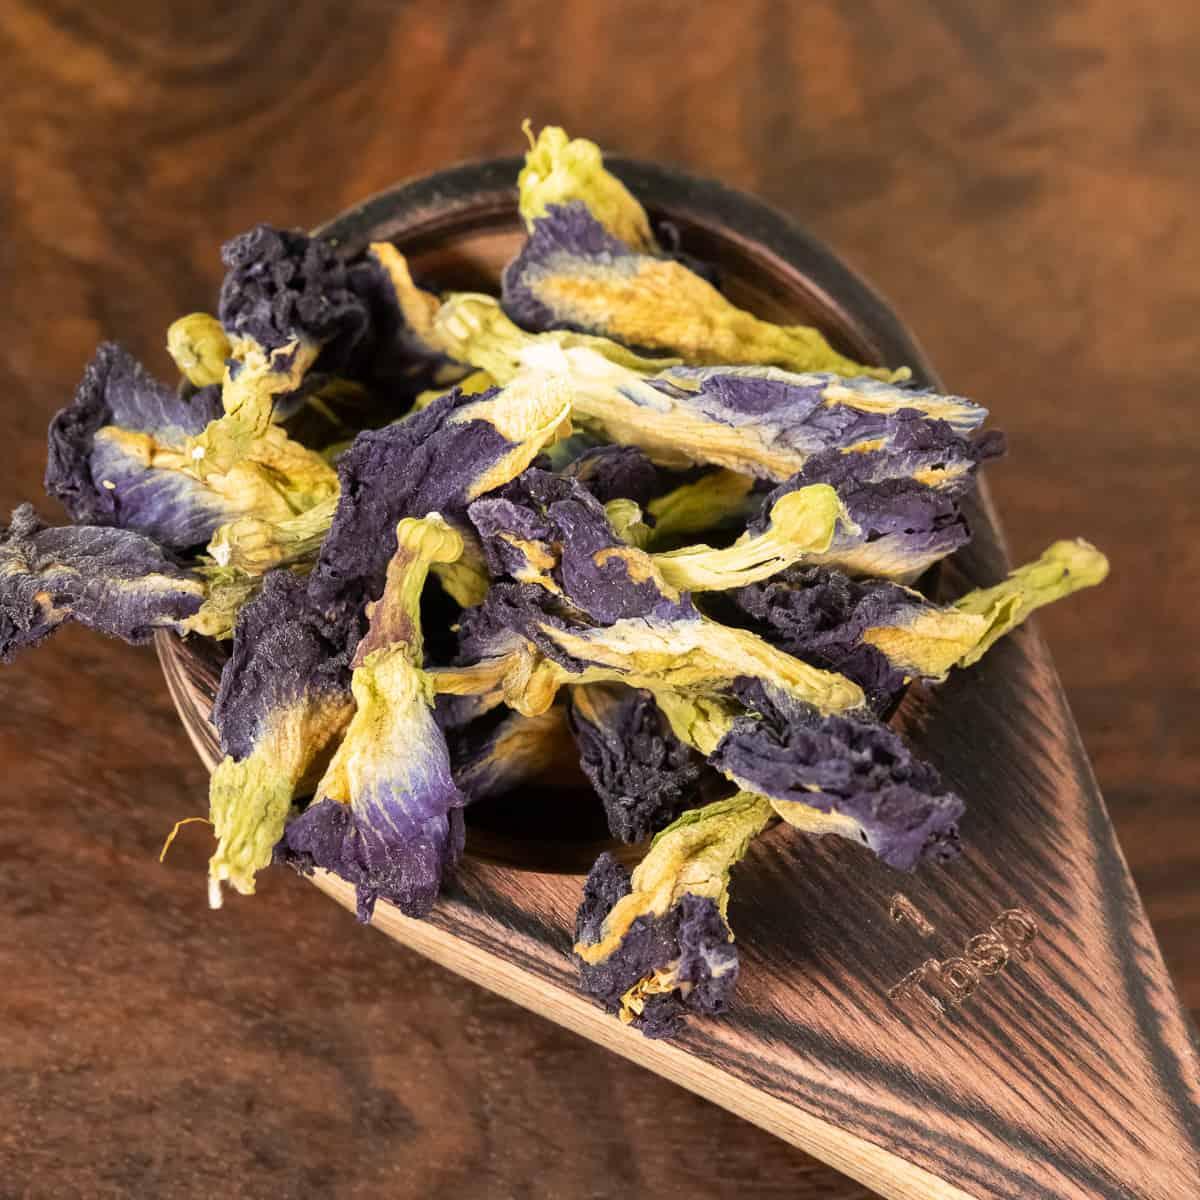 butterfly pea flowers botanical tea in spoon